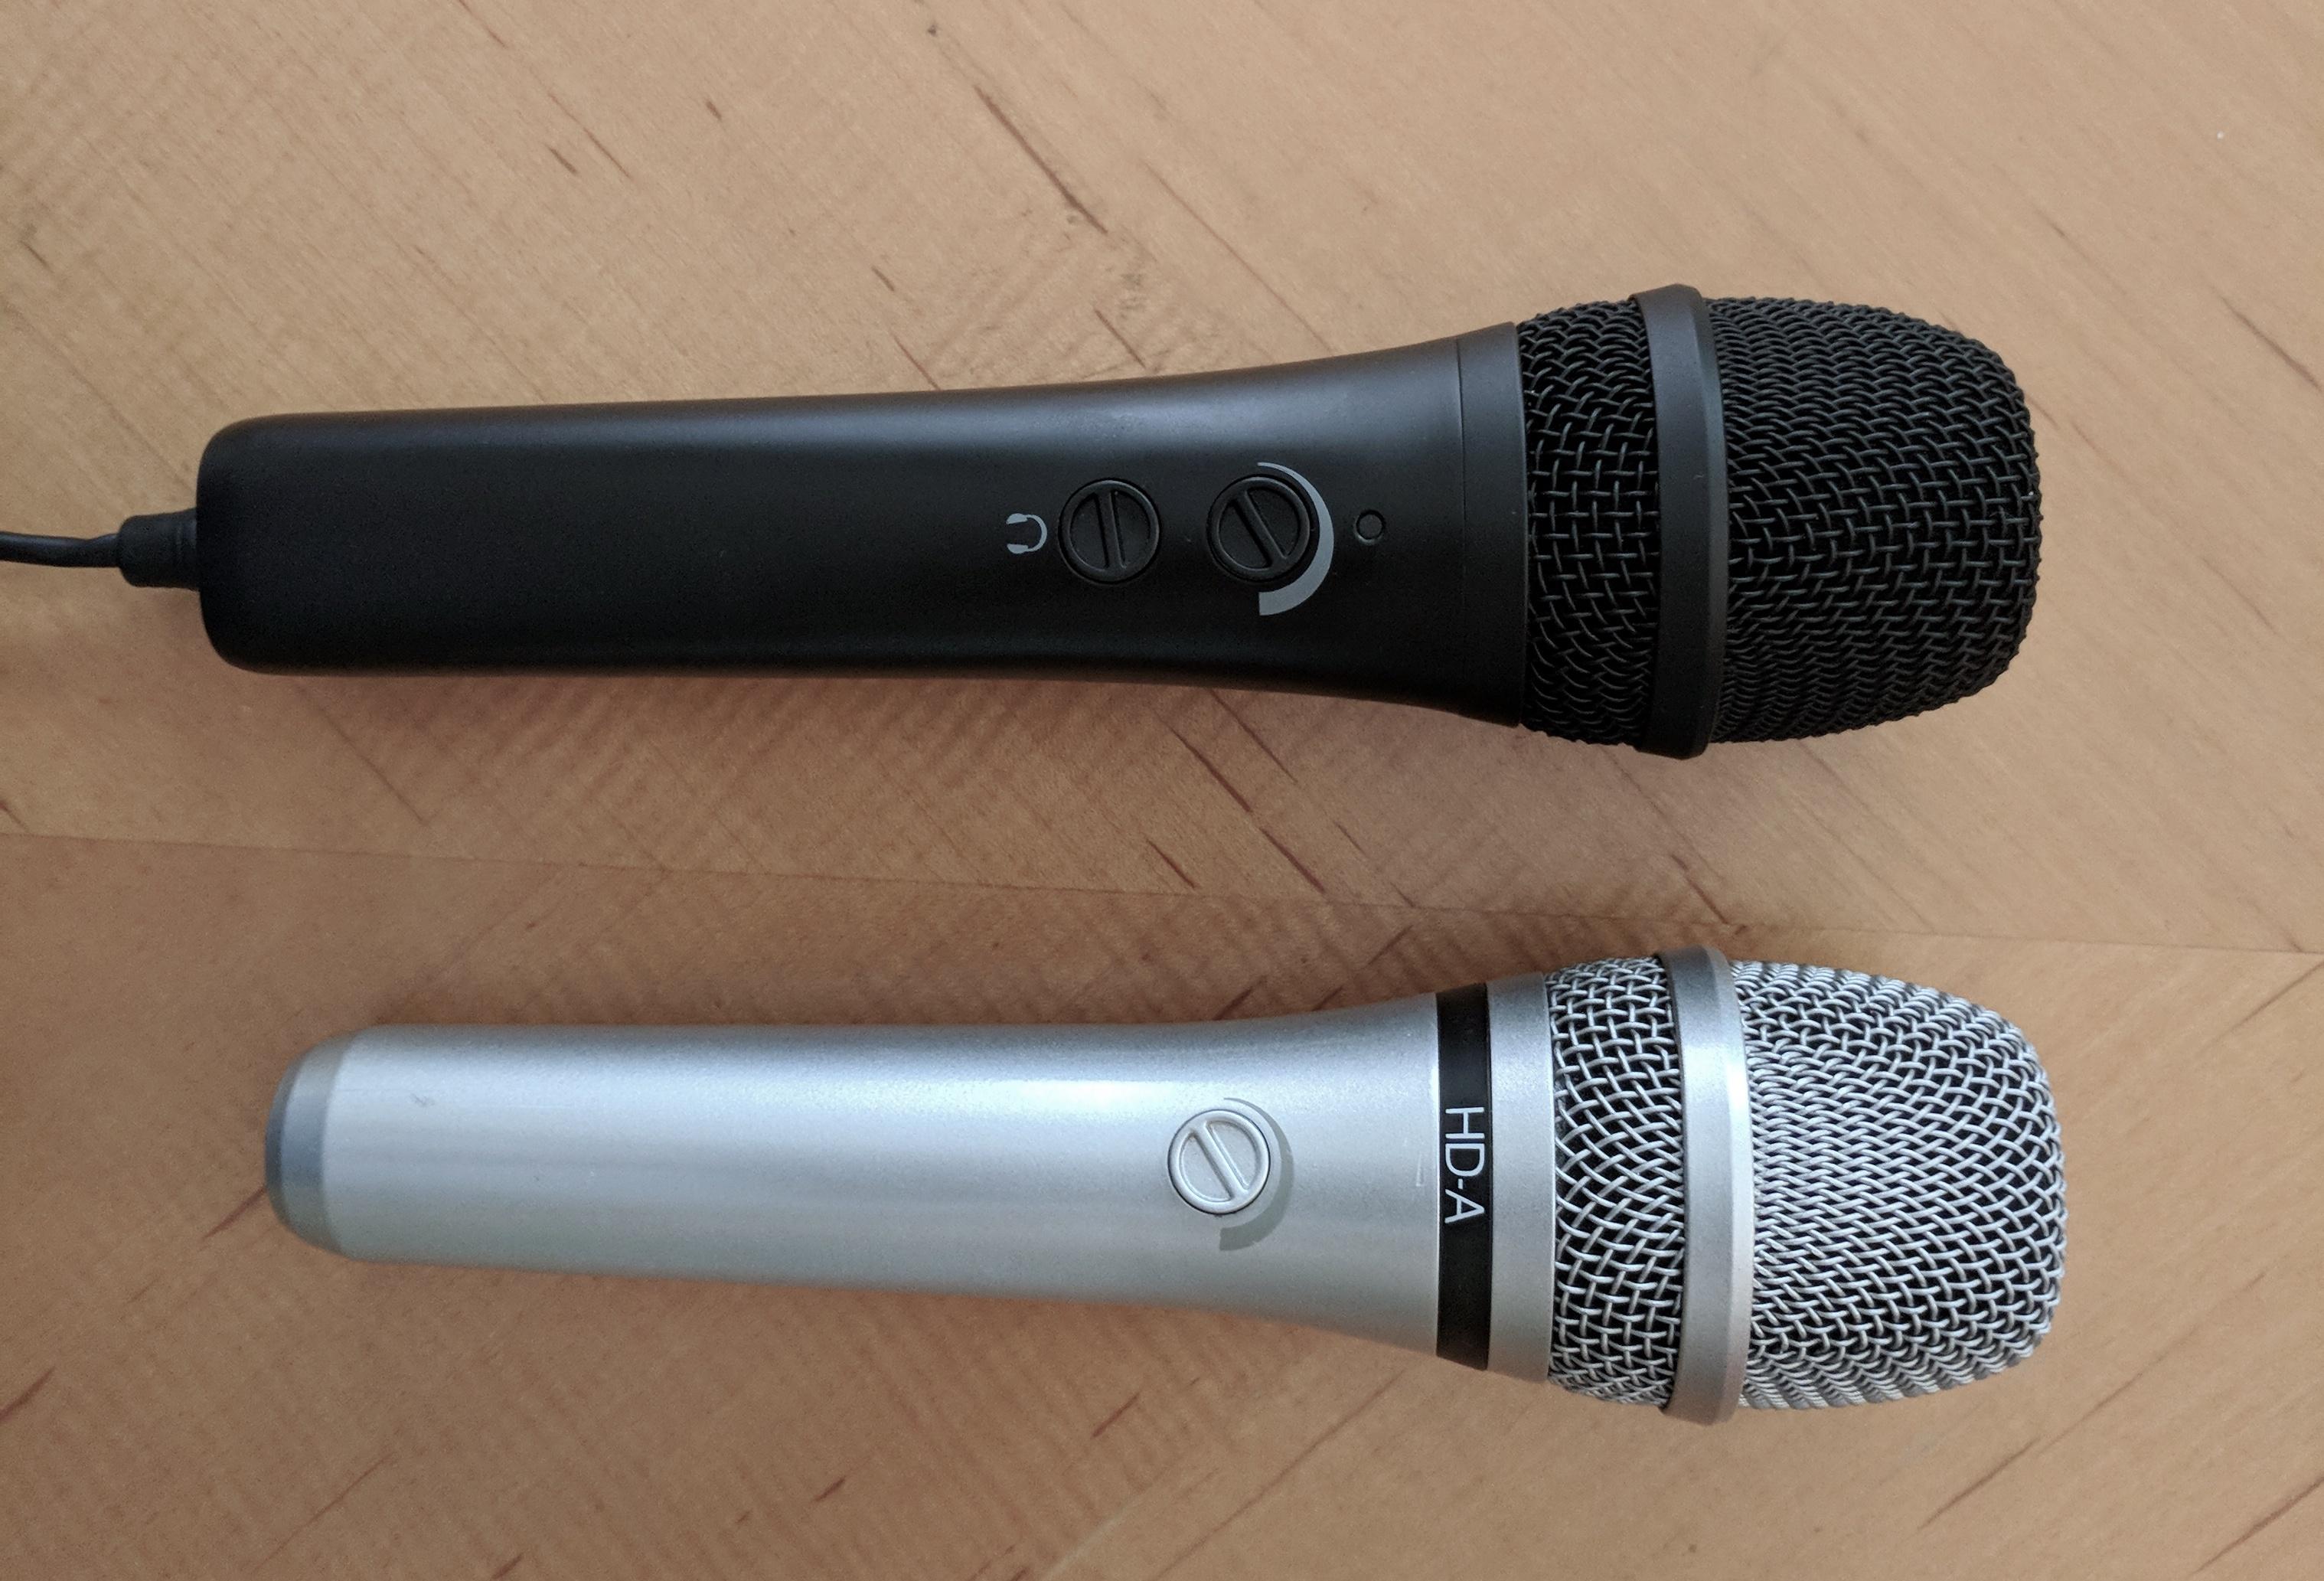 Review: iRig Mic HD 2 handheld digital microphone 12